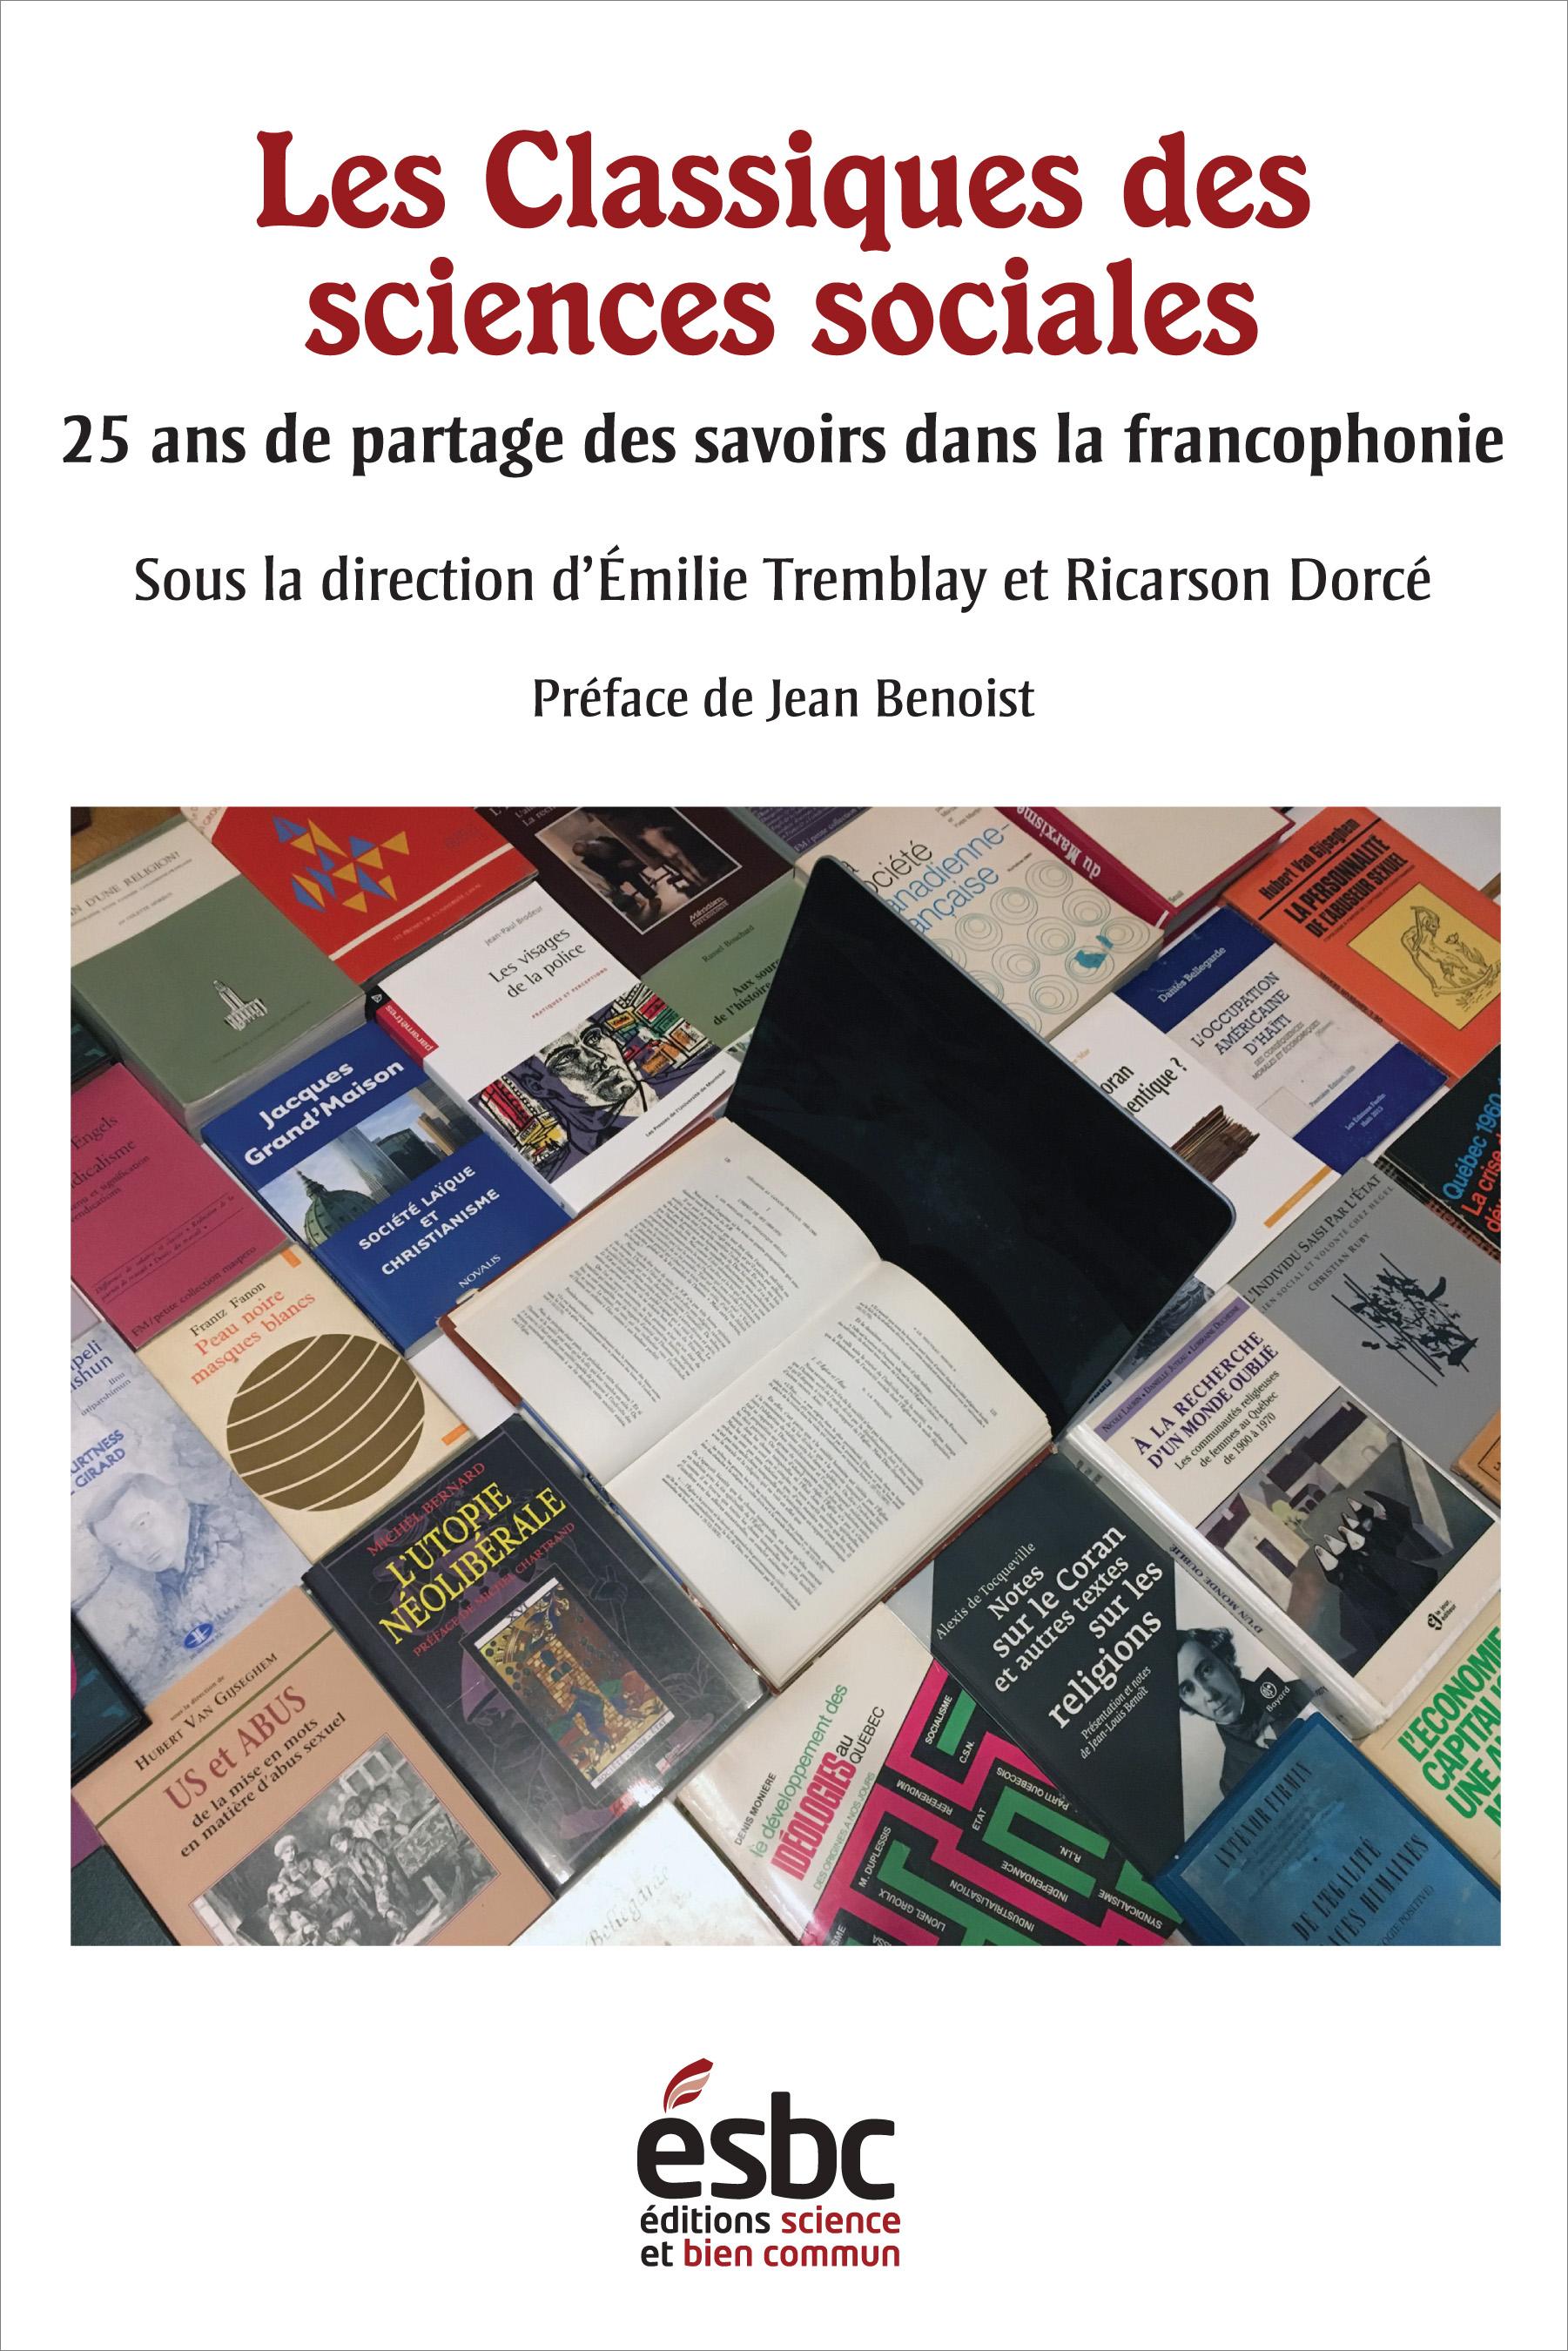 Les Classiques des sciences sociales : 25 ans de partage des savoirs dans la francophonie